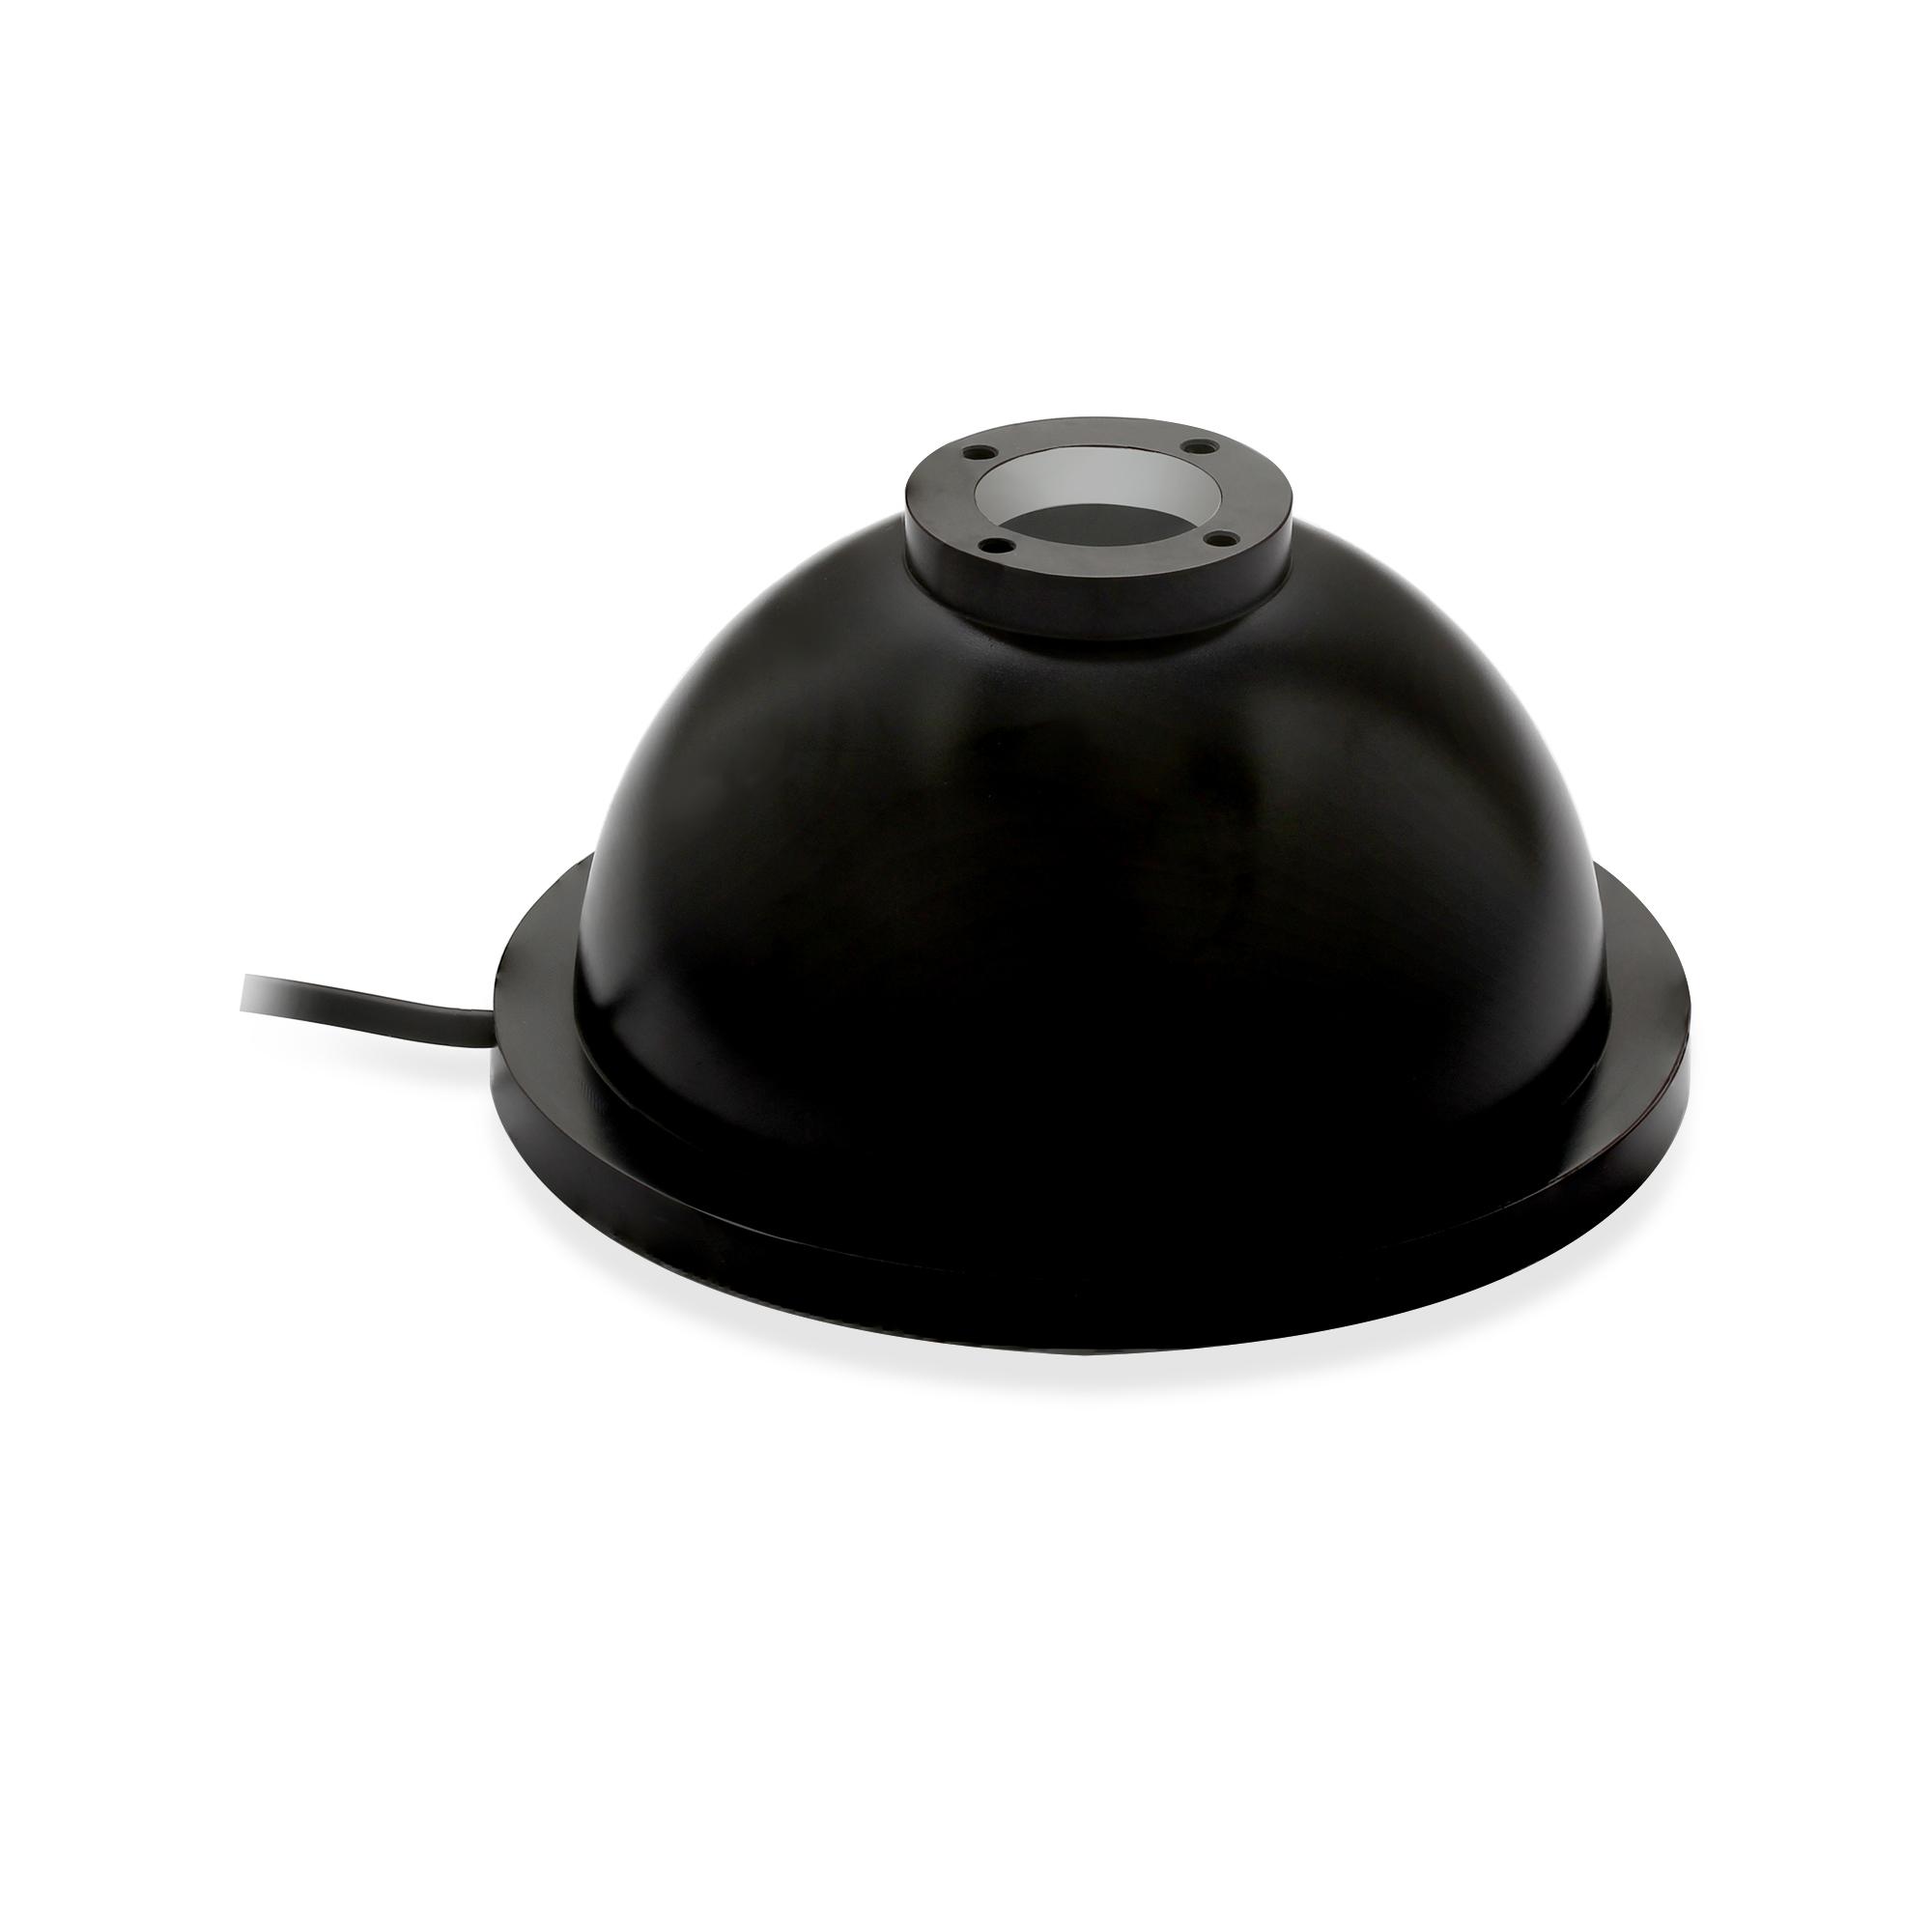 穹顶光源 碗光 圆顶光源 球面漫反射无影视觉光源